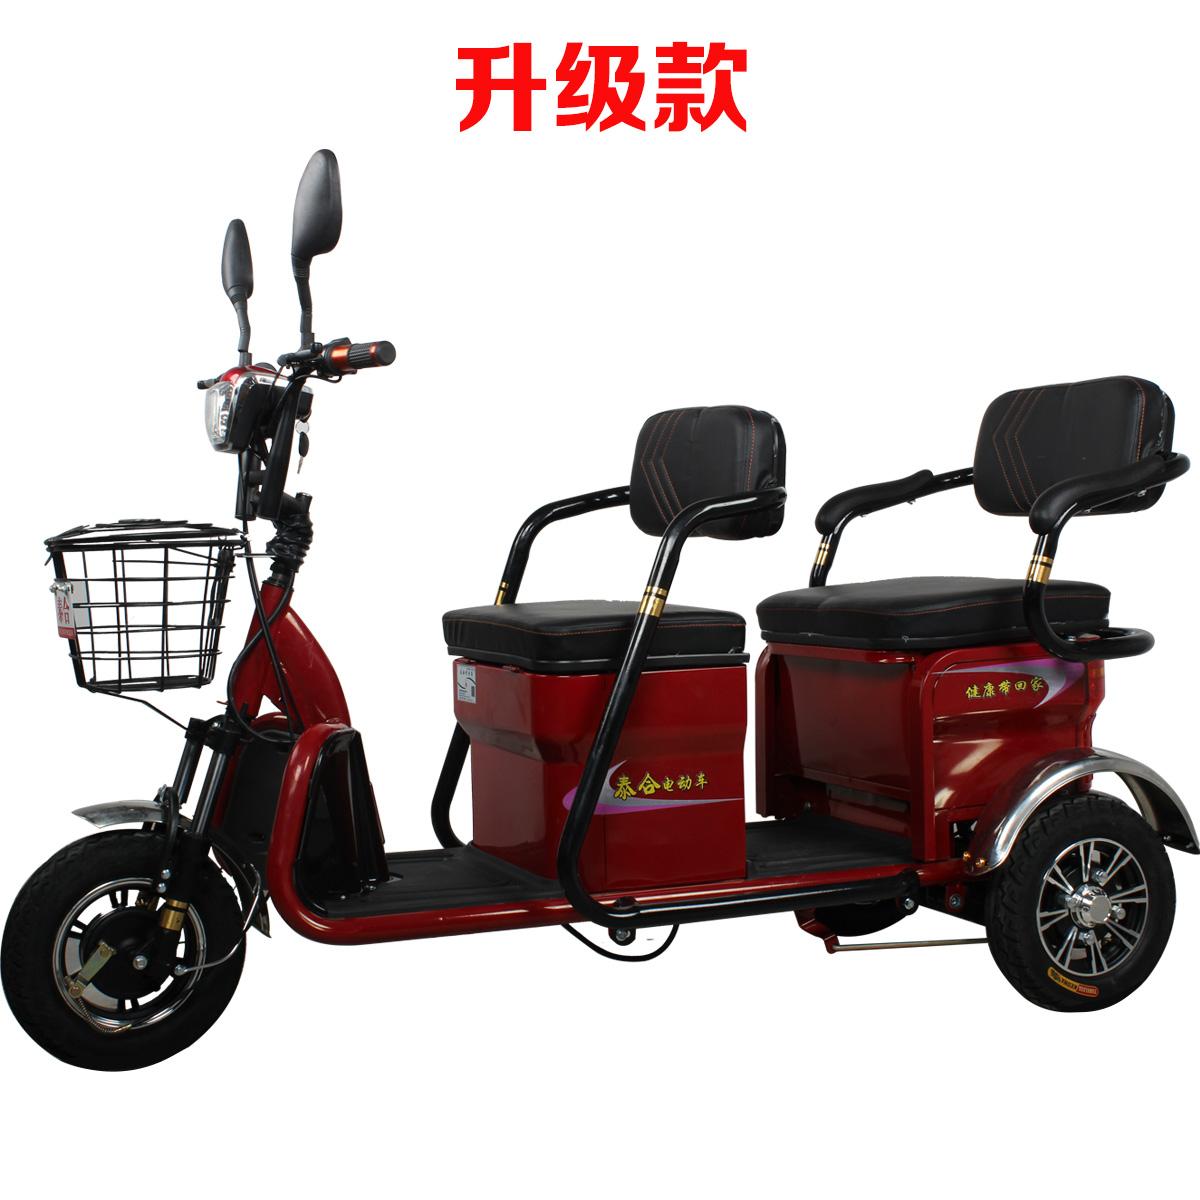 电动三轮车接送孩子家用新款成人老人老年单人双人女性电瓶三轮车